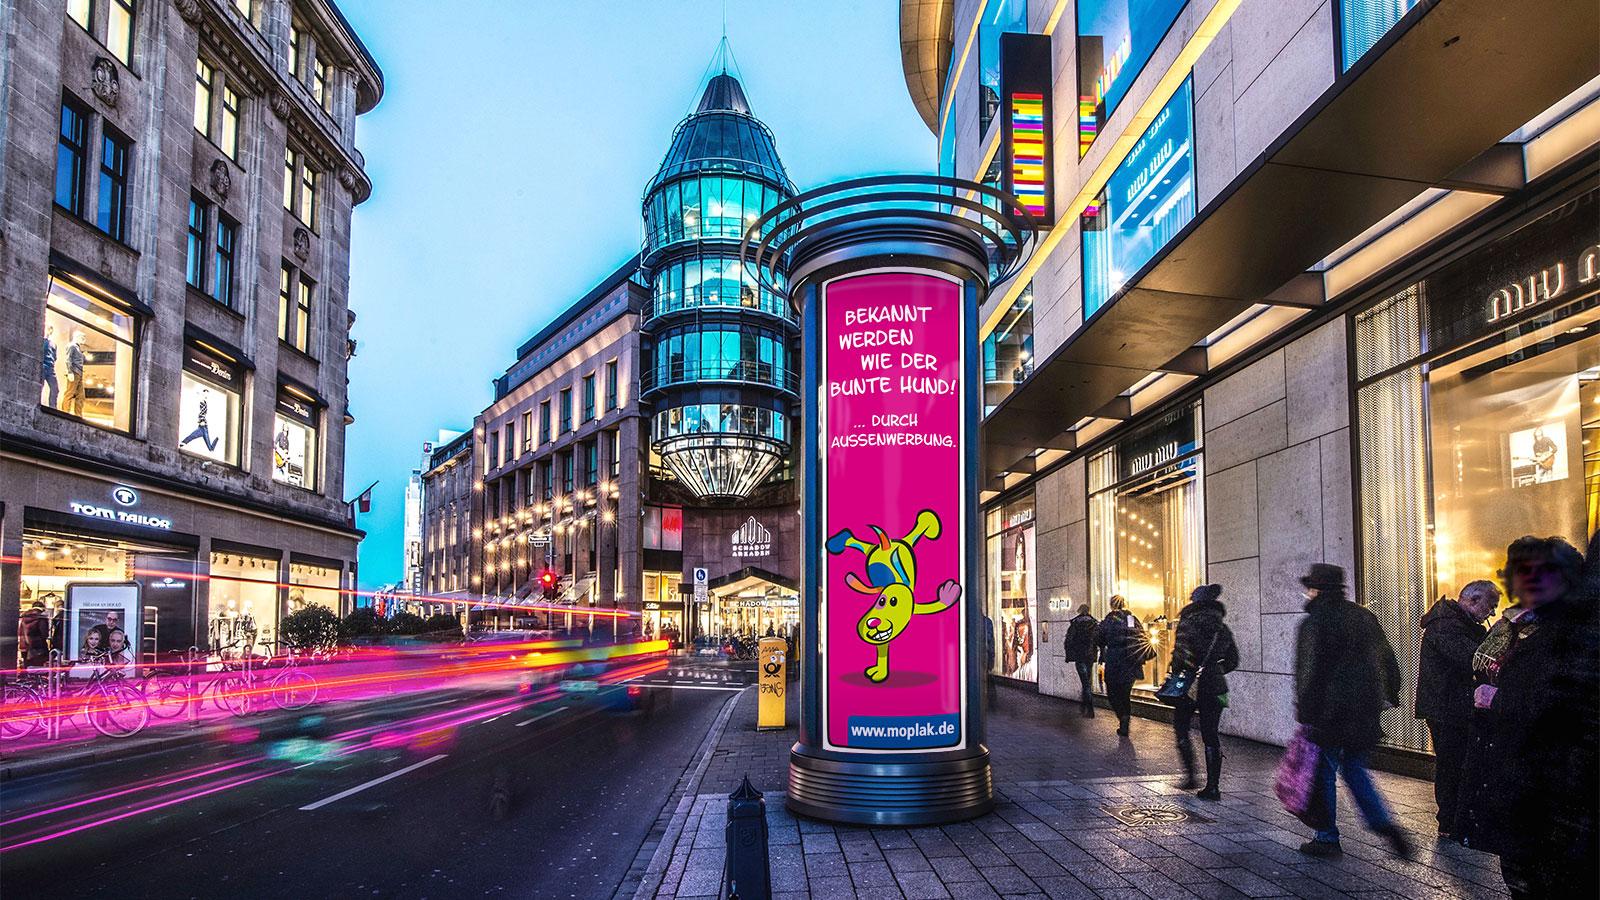 Muenster-Aussenwerbung-Litfasssaeule-Werbung